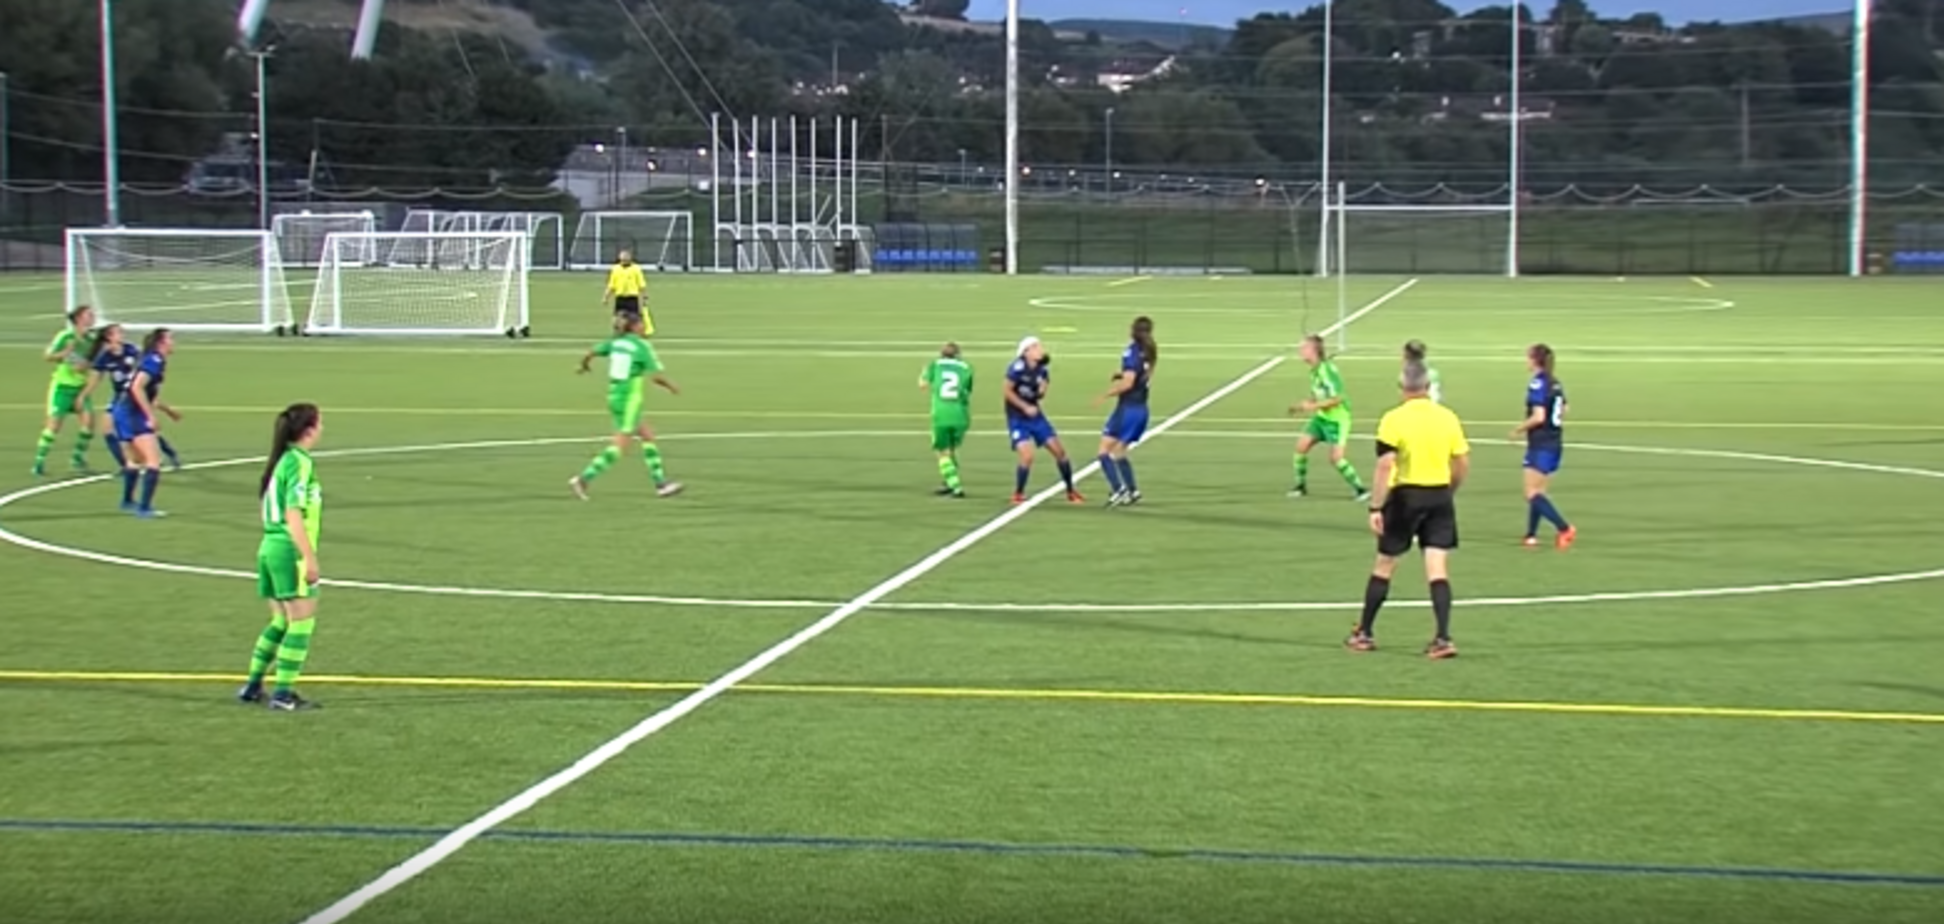 Футболистка забила чудо-гол с центра поля